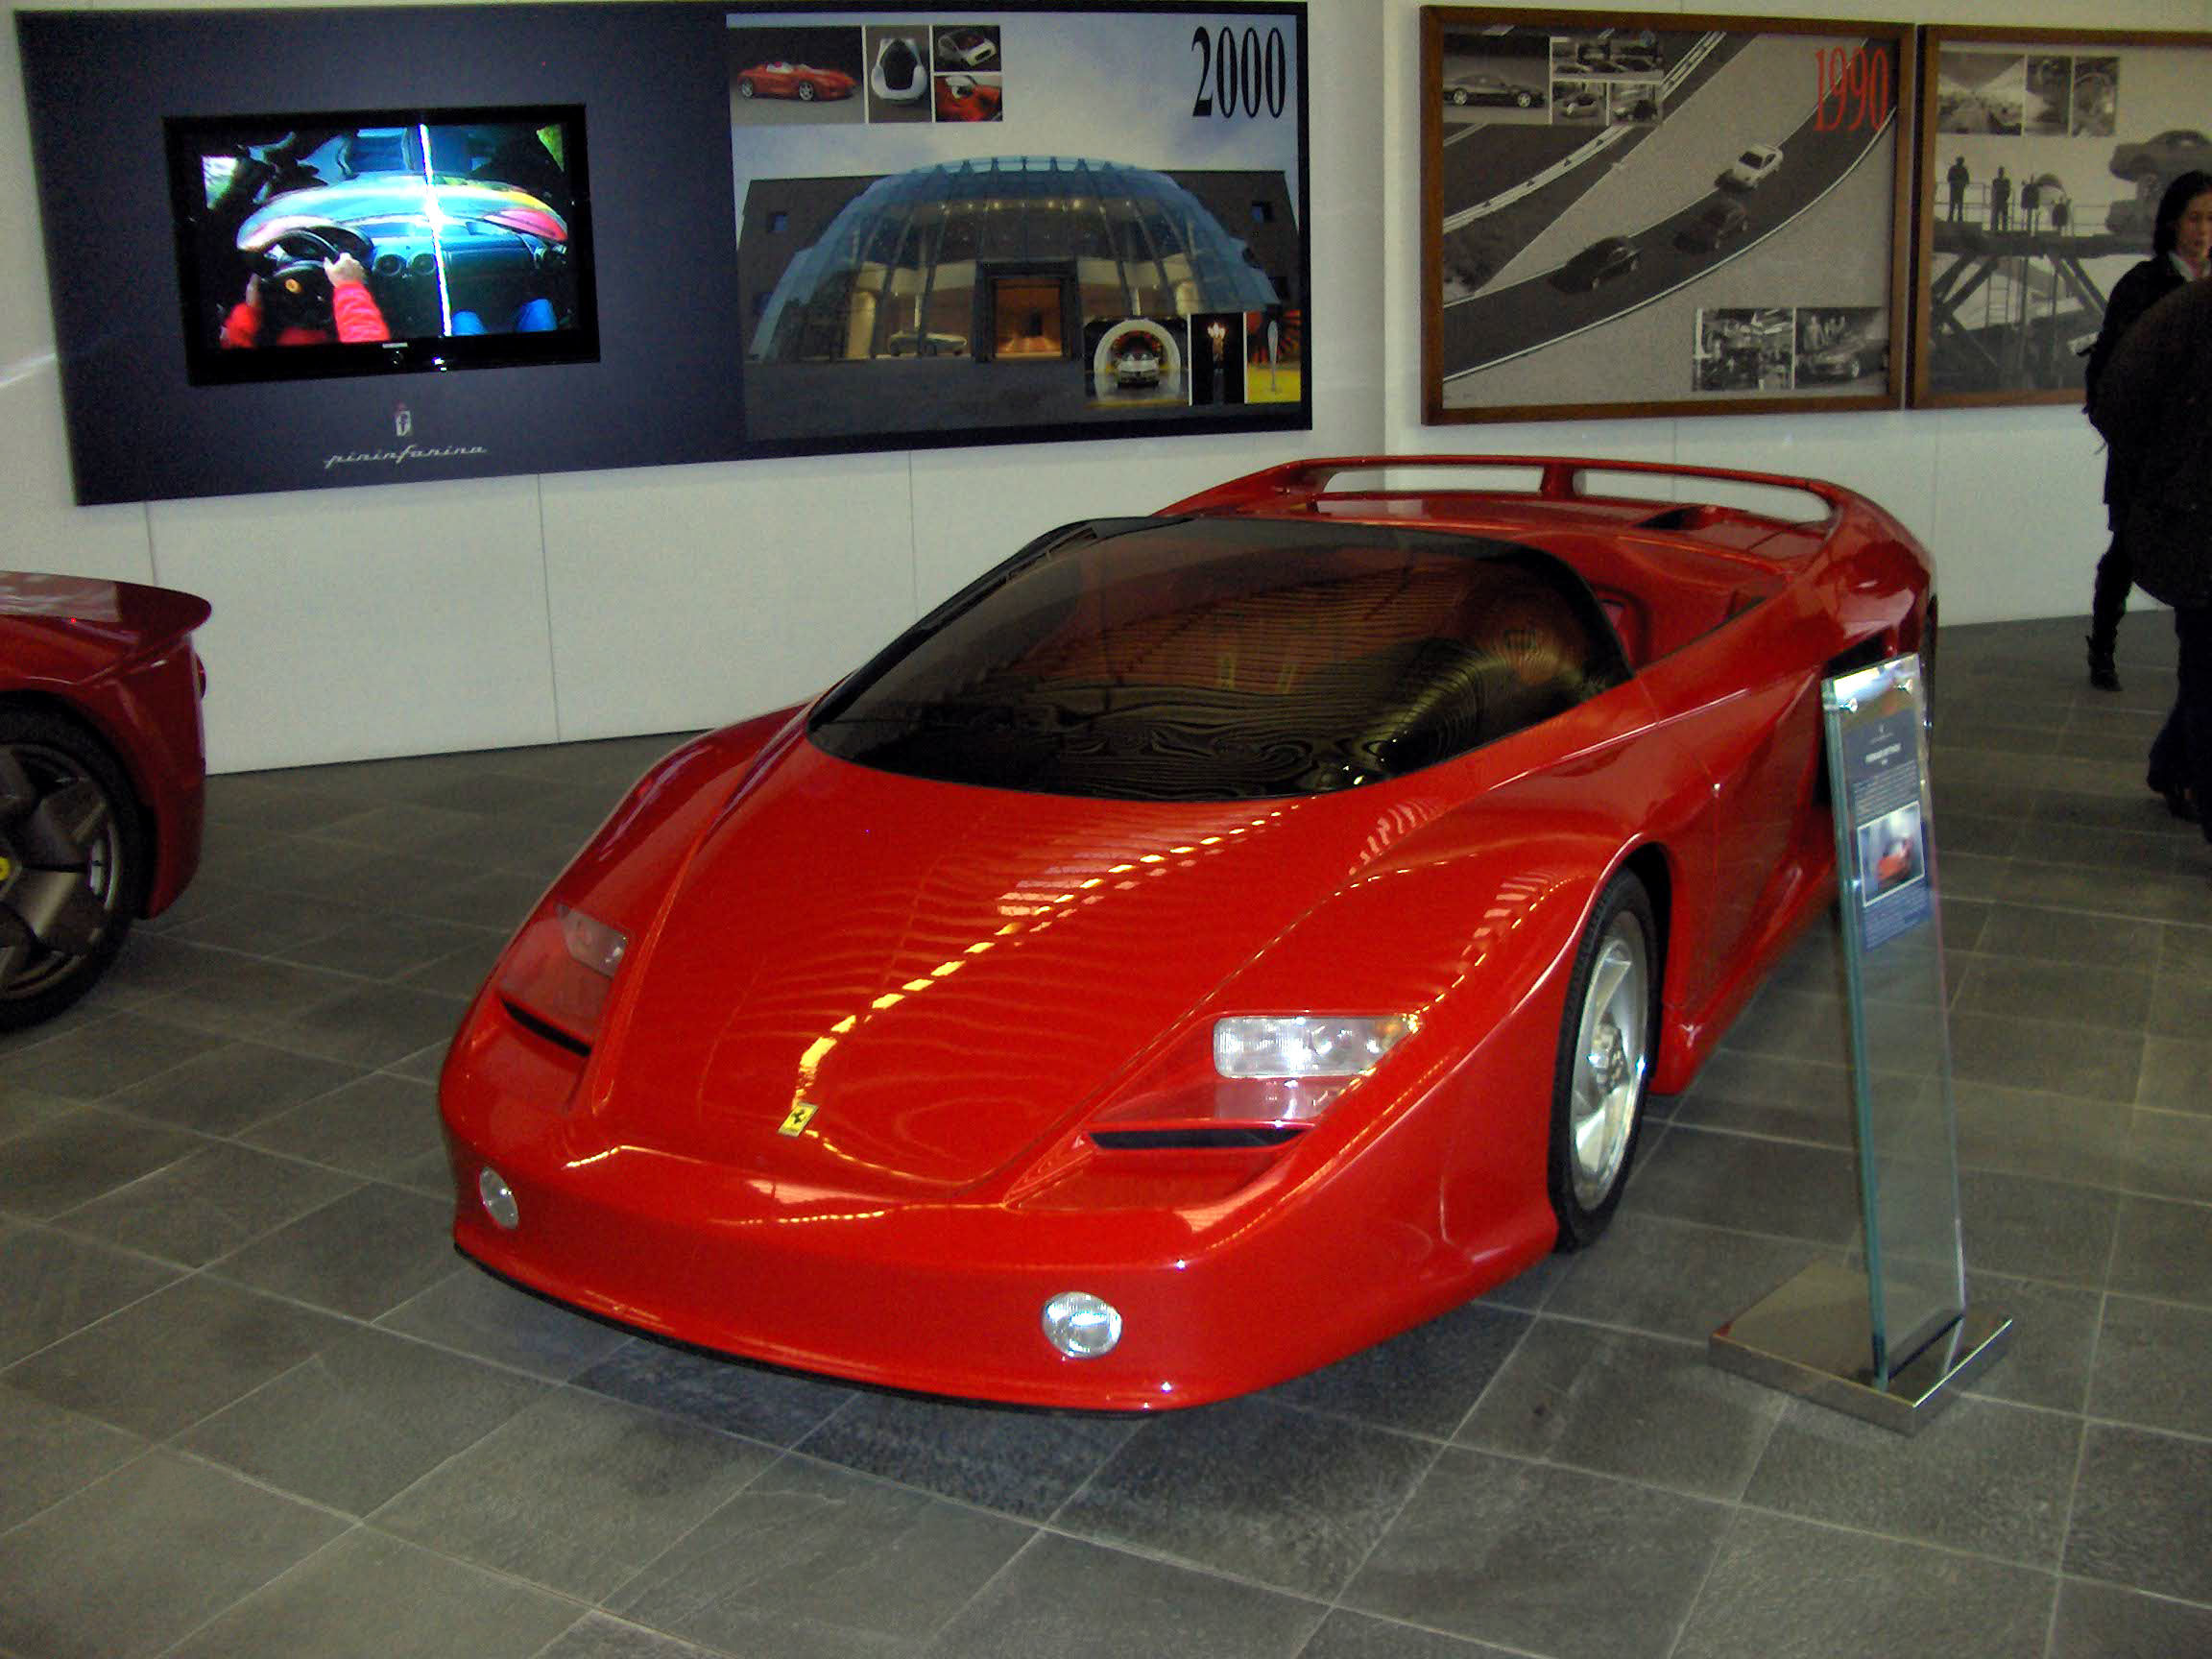 Images of a Ferrari 2